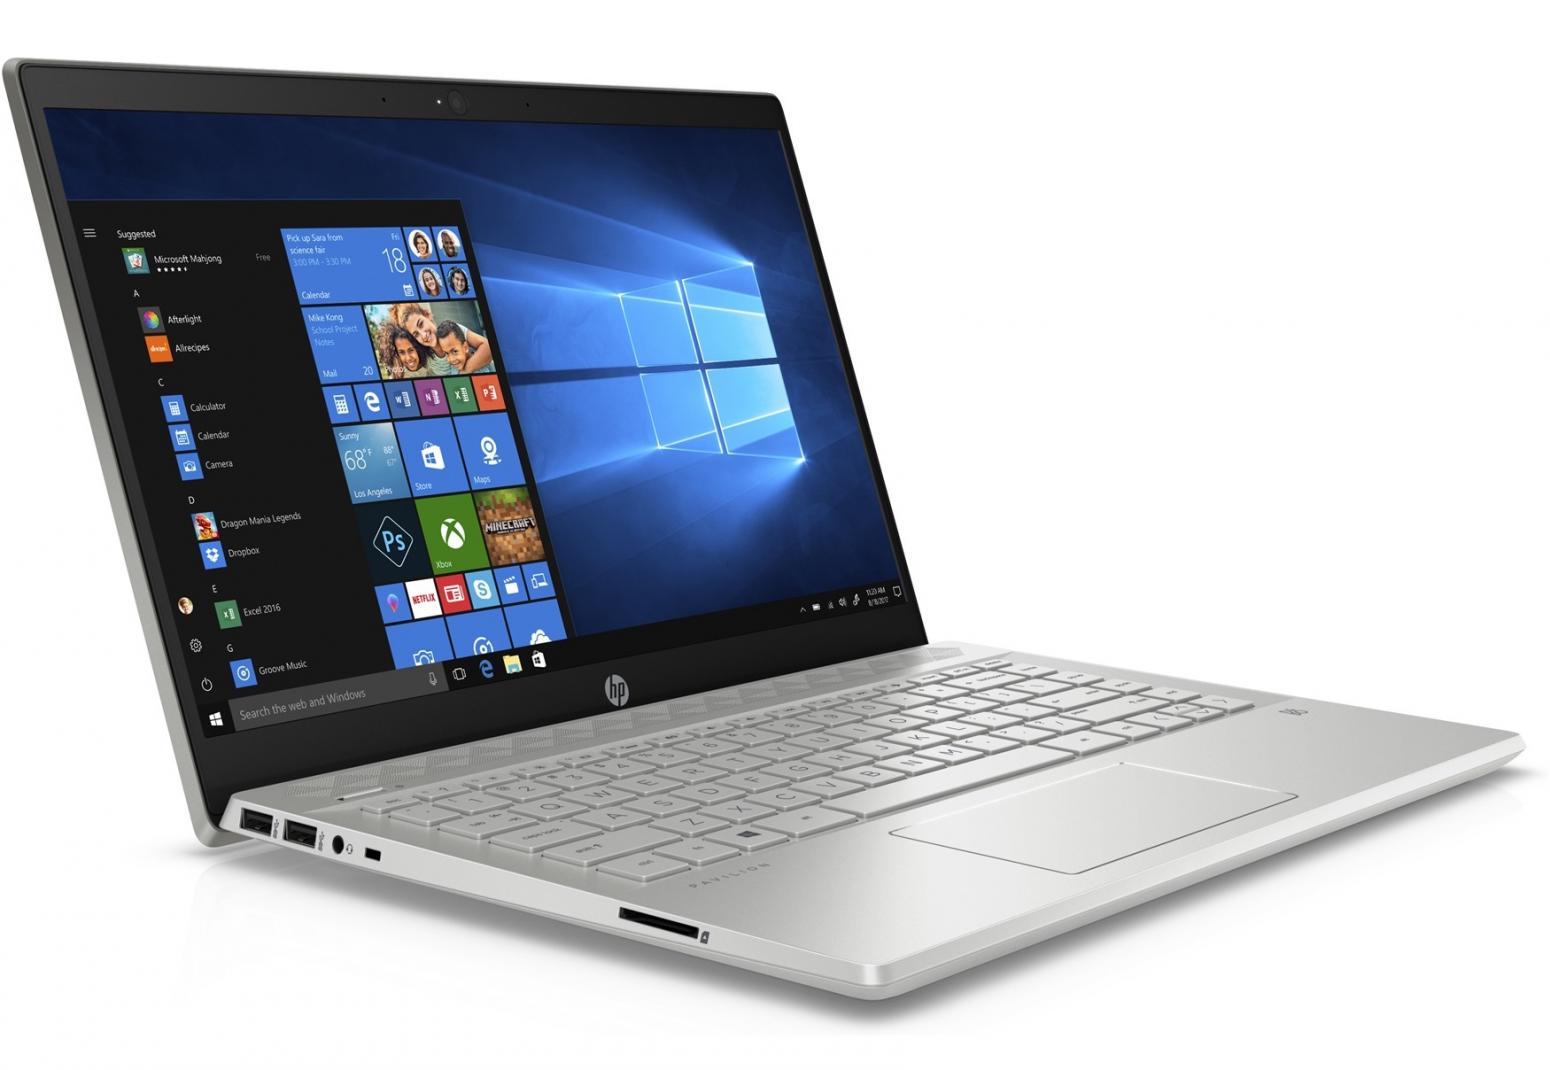 Image du PC portable HP Pavilion 14-ce0025nf Silver - SSD